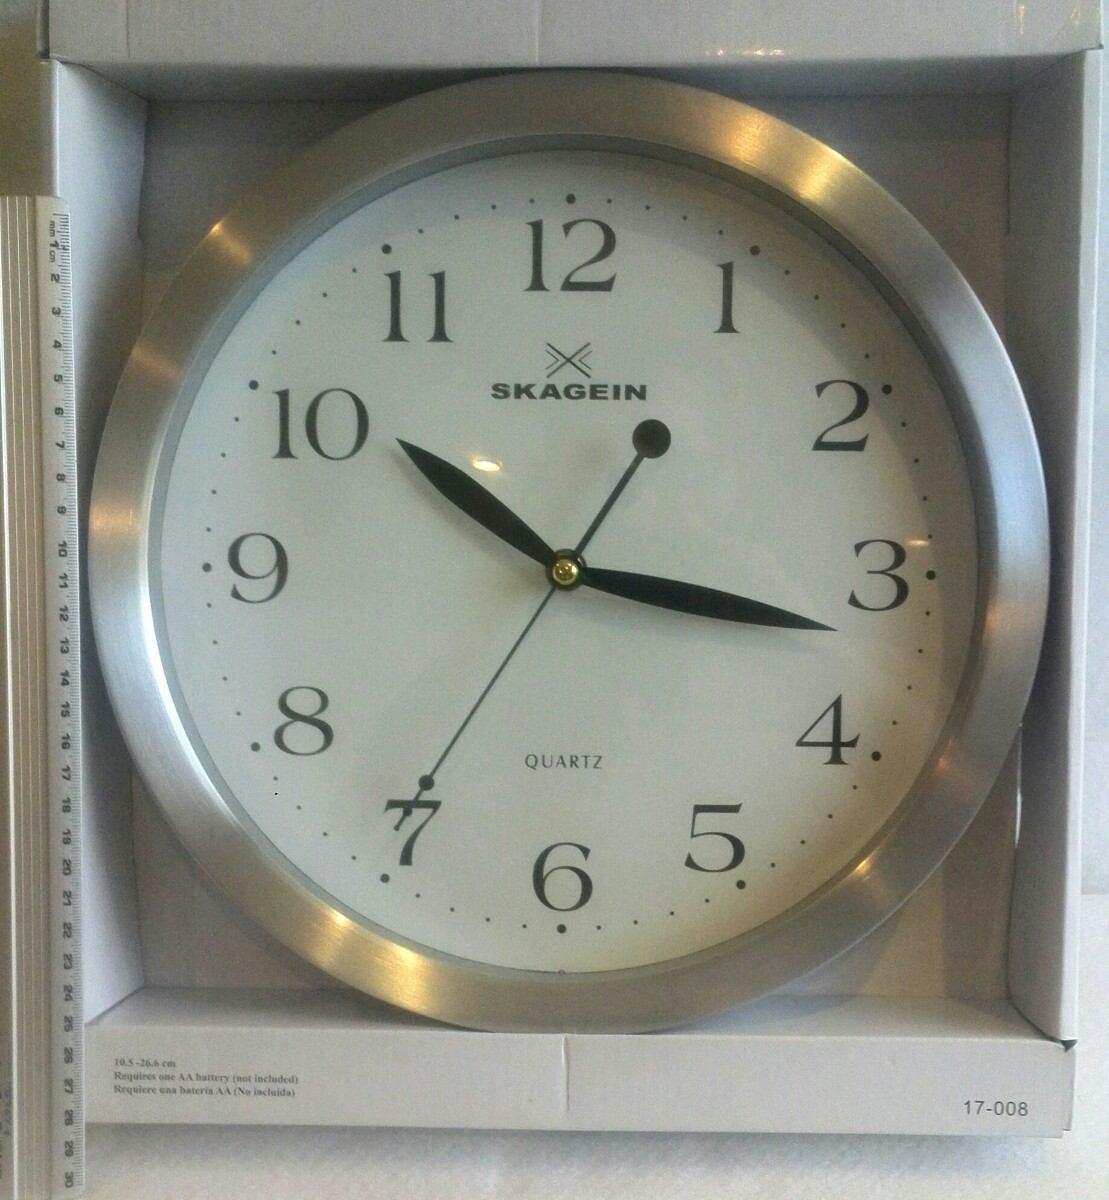 Relojes de pared grandes escepcional reloj de pared - Relojes grandes de pared ...